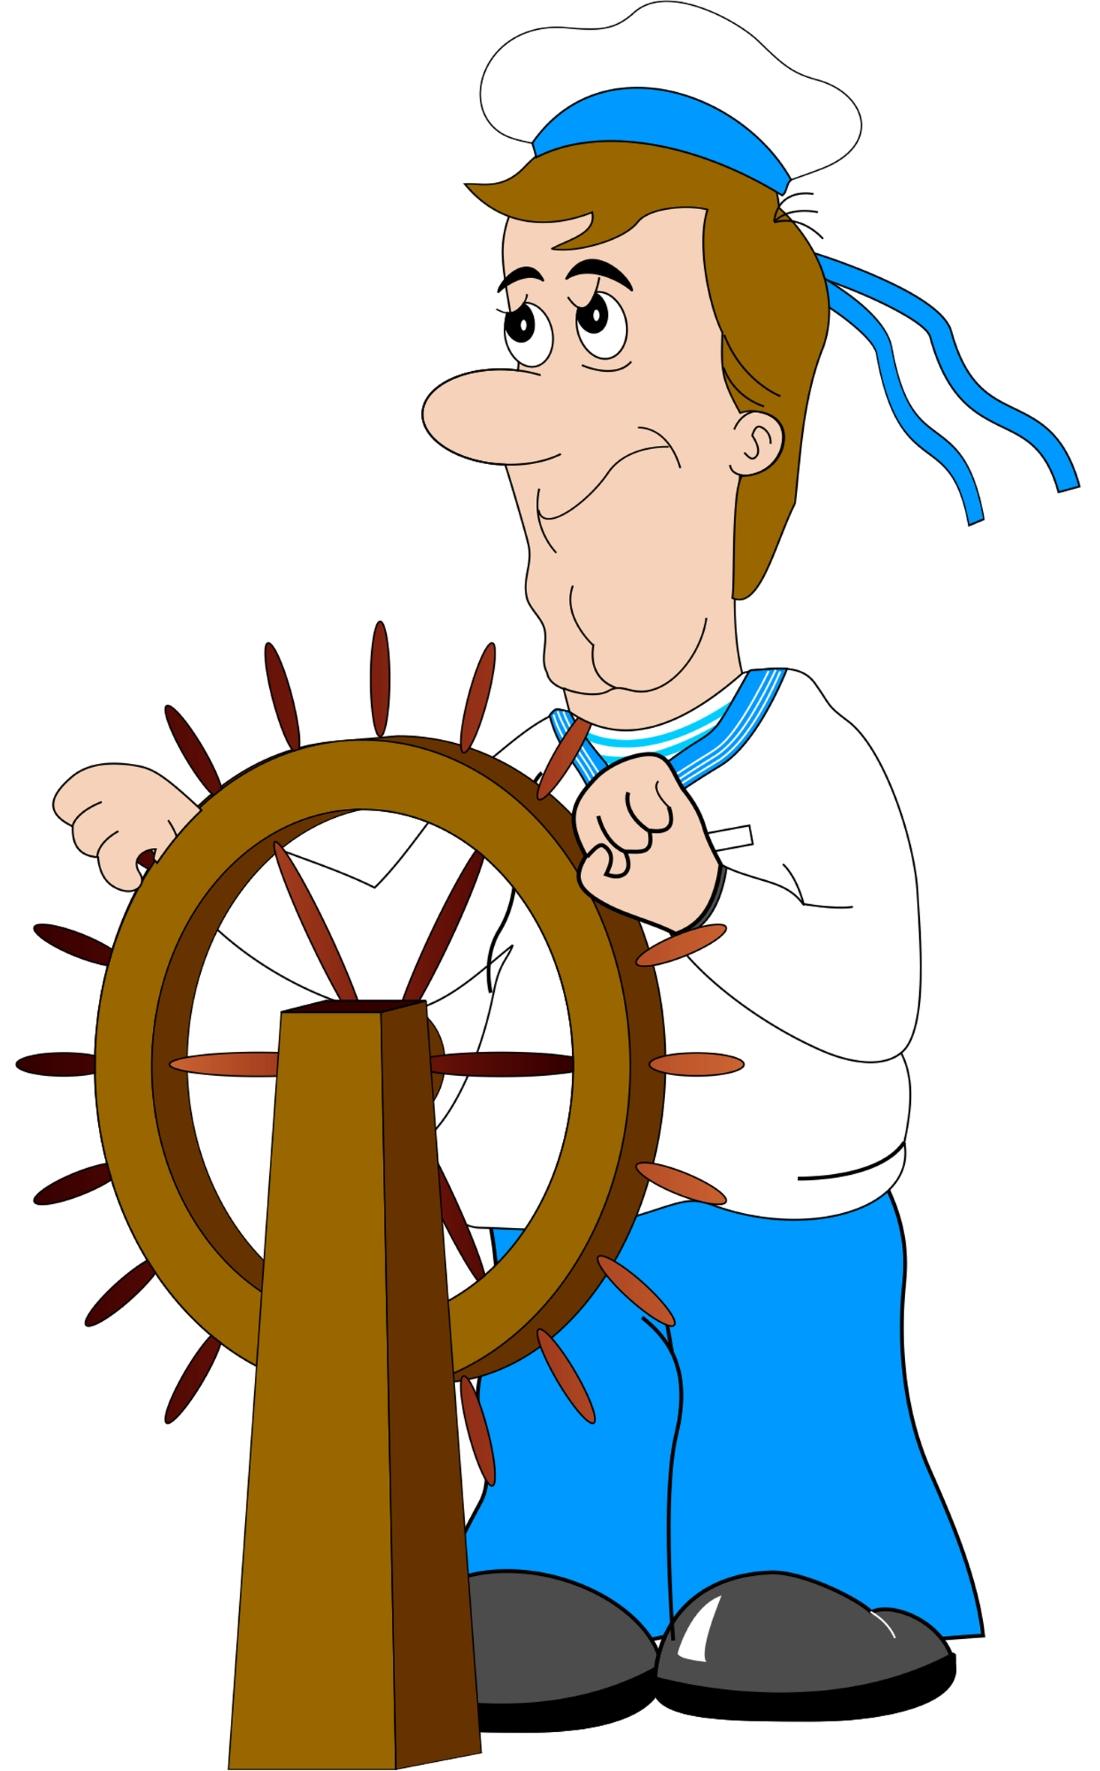 анимационные картинки морячок золотой середины